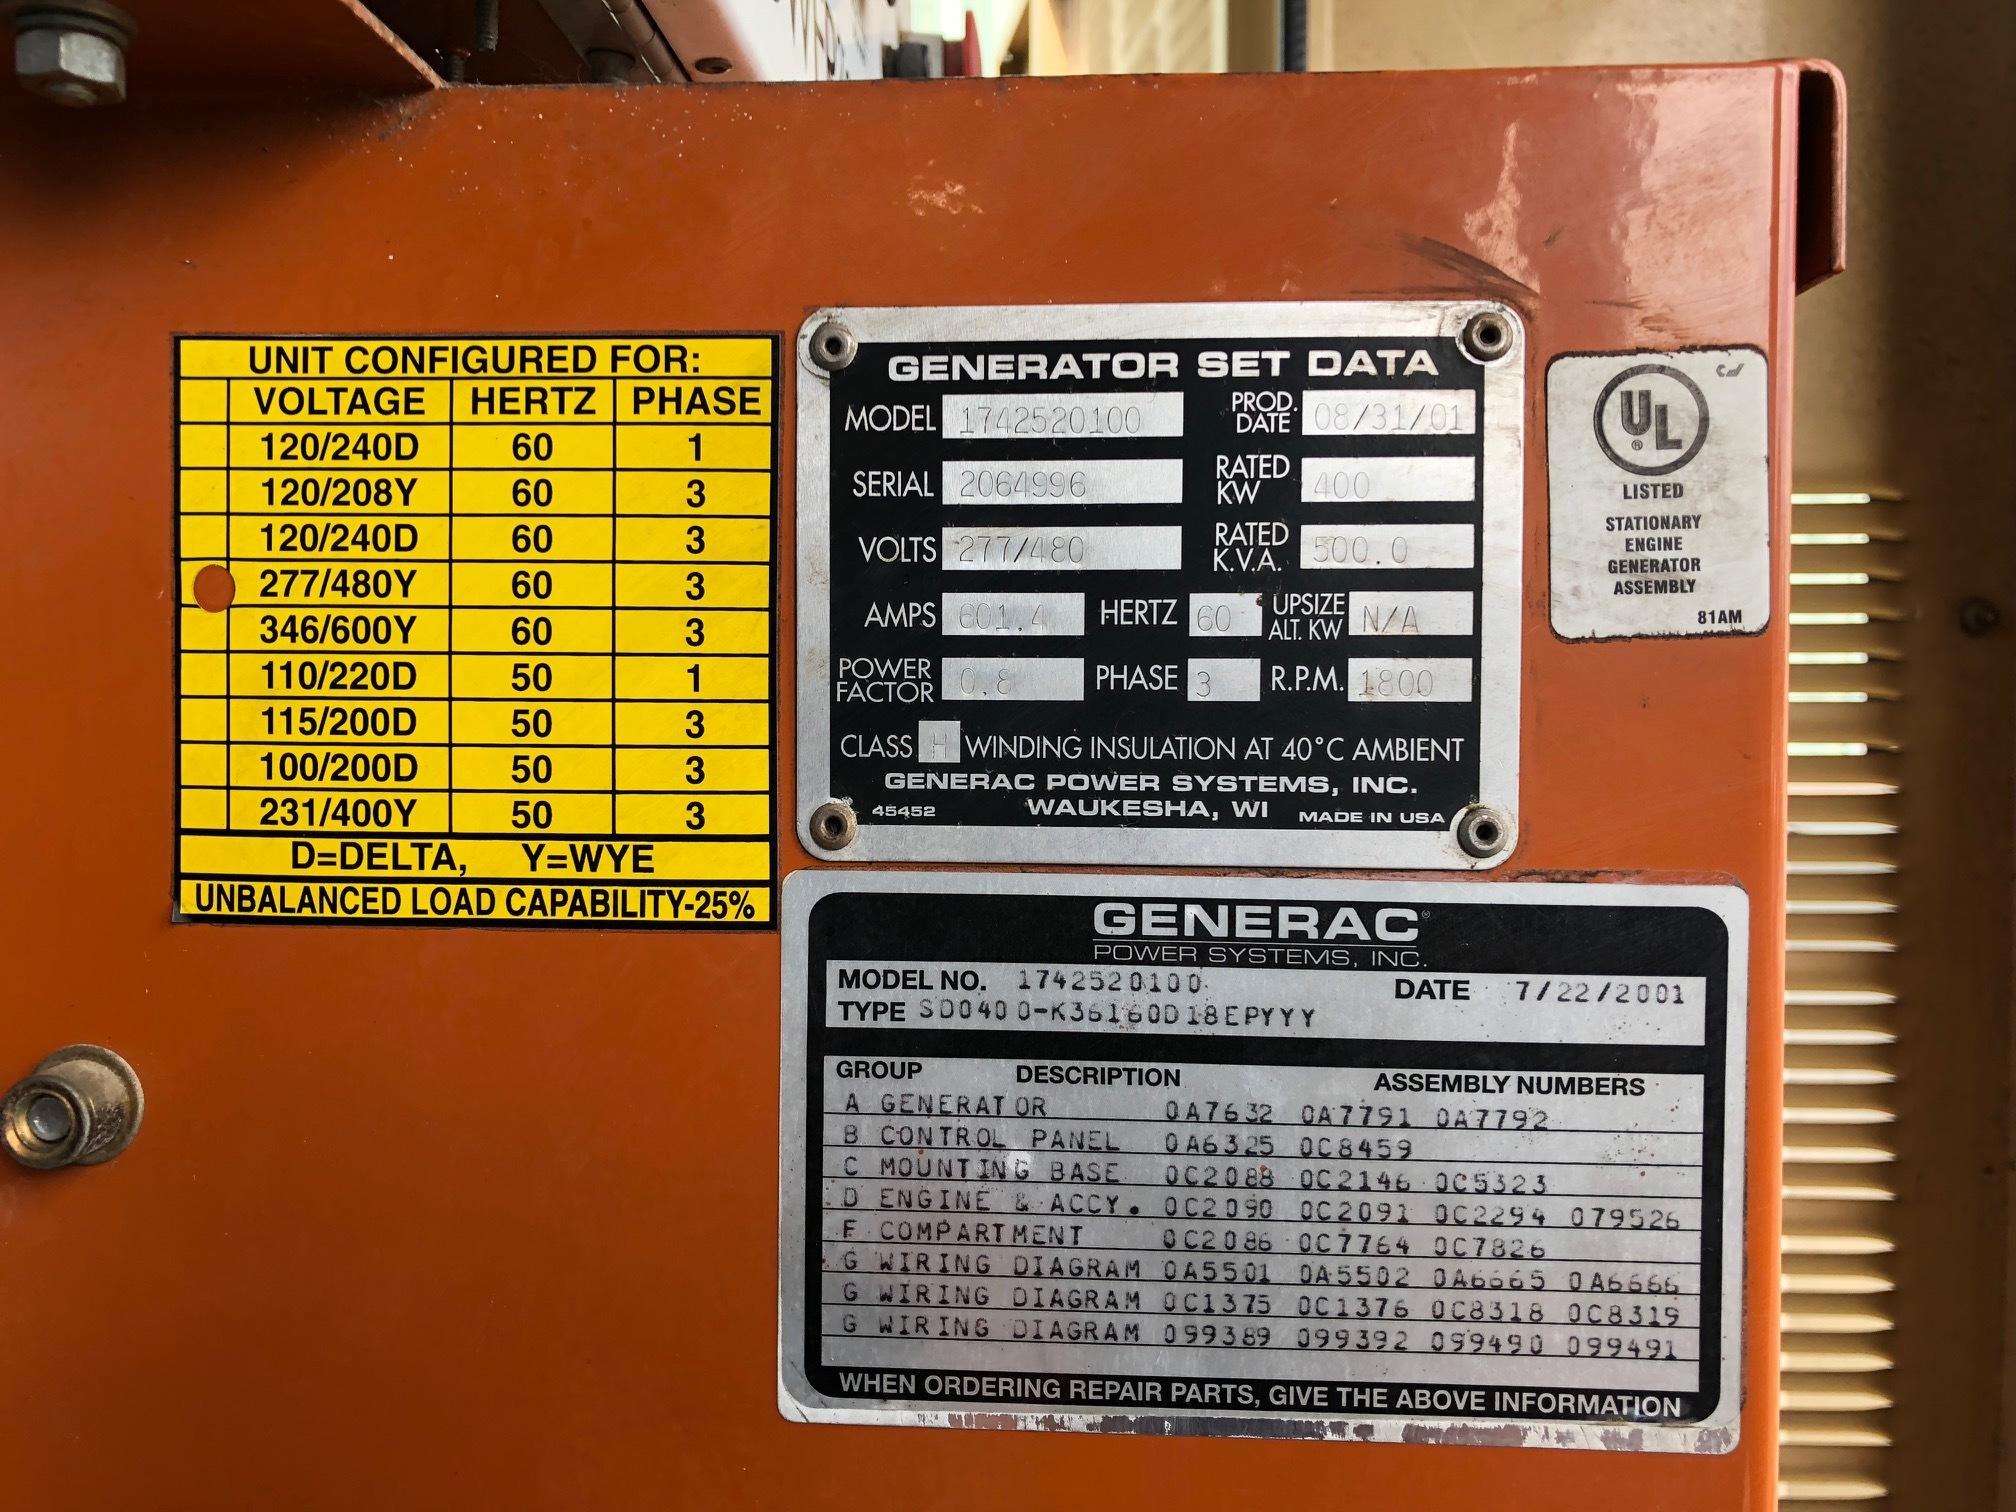 Used Generac Sd0400 Diesel Generator 294 Hrs 400 Kw 29950 C18 Cat Engine Wiring Diagram Price Csdg